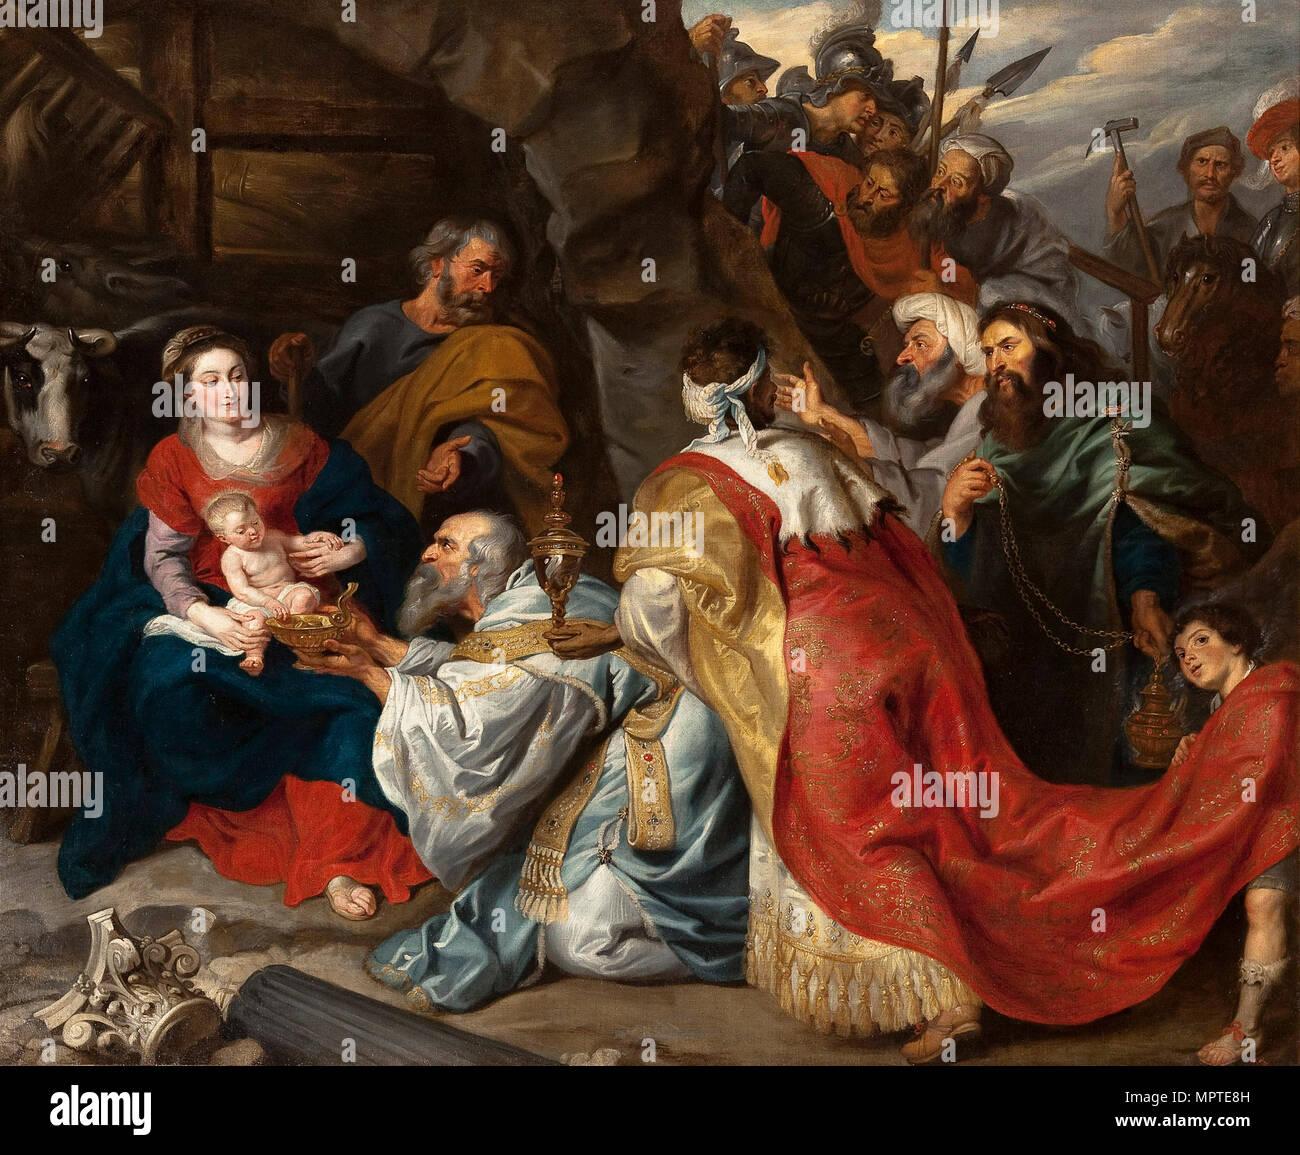 Die Anbetung der Könige, C. 1620. Stockbild